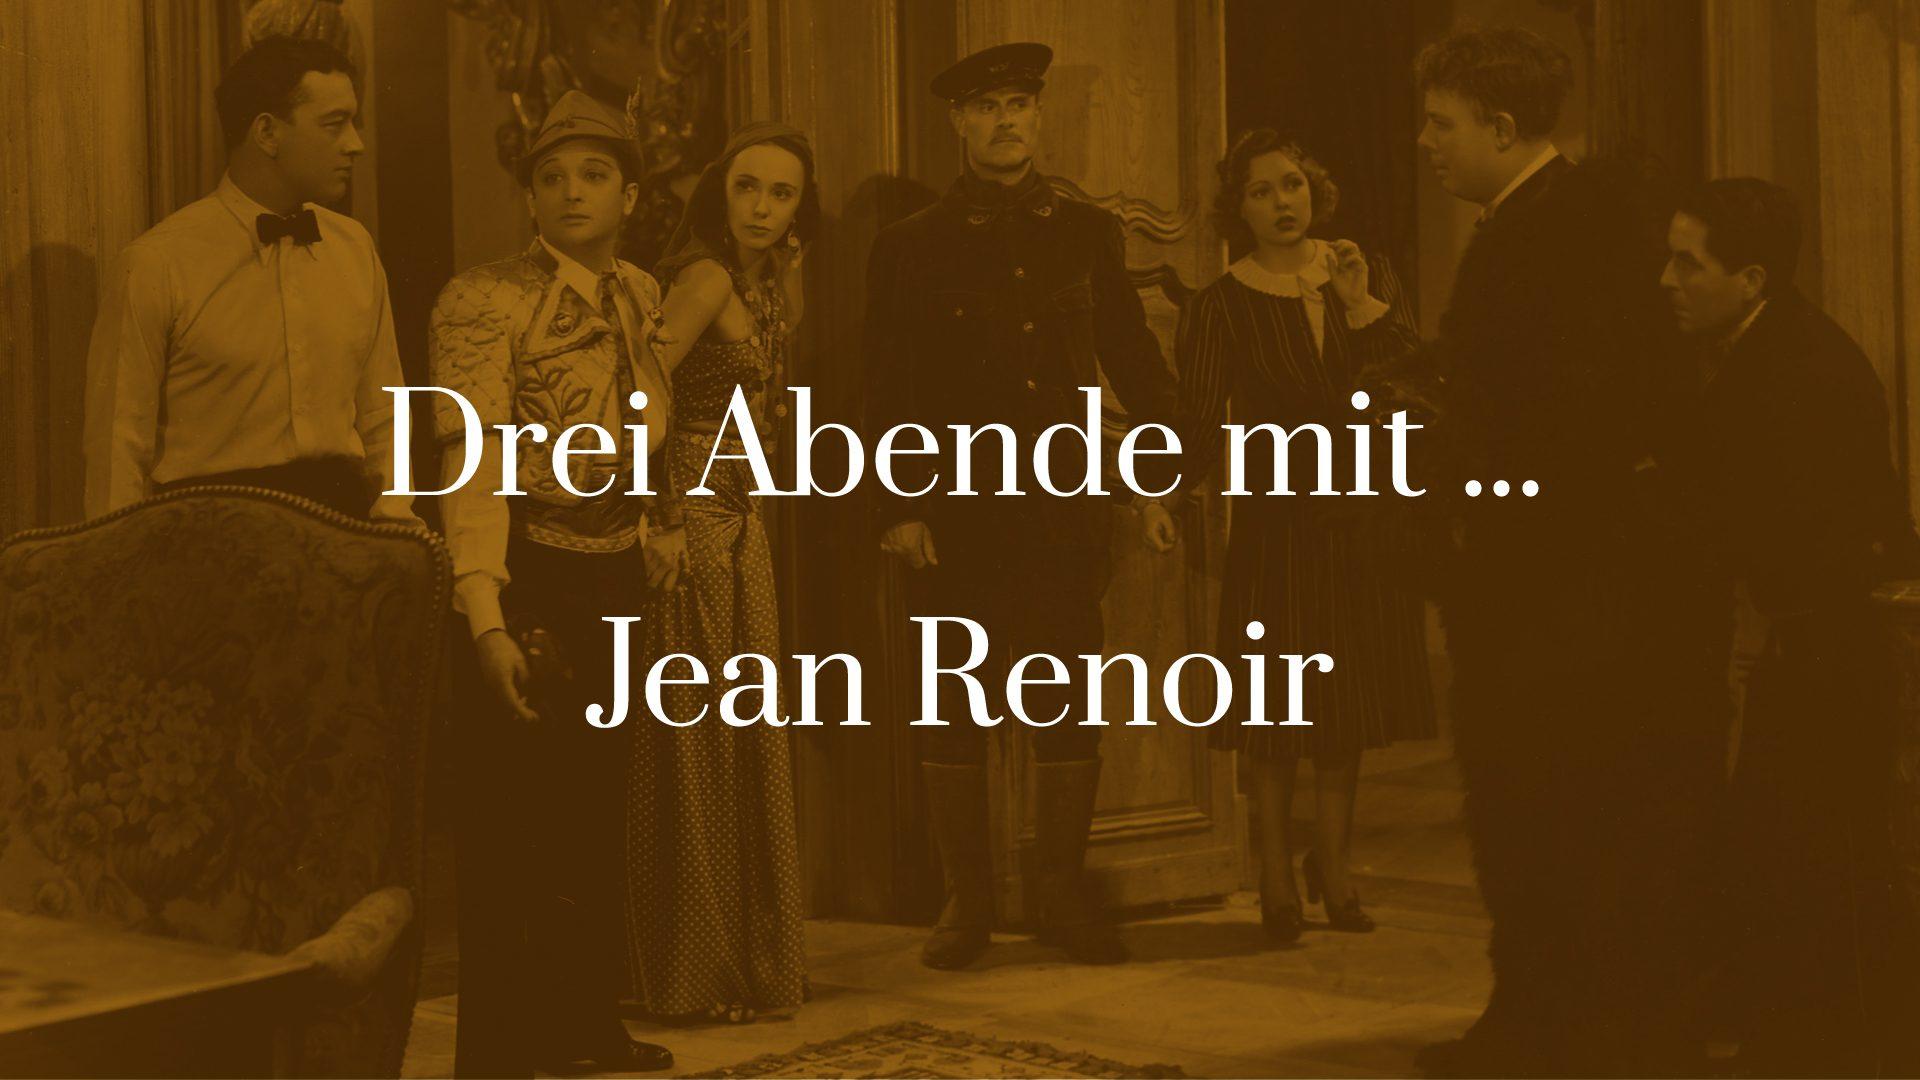 Symbolbild zu Drei Abende mit Jean Renoir